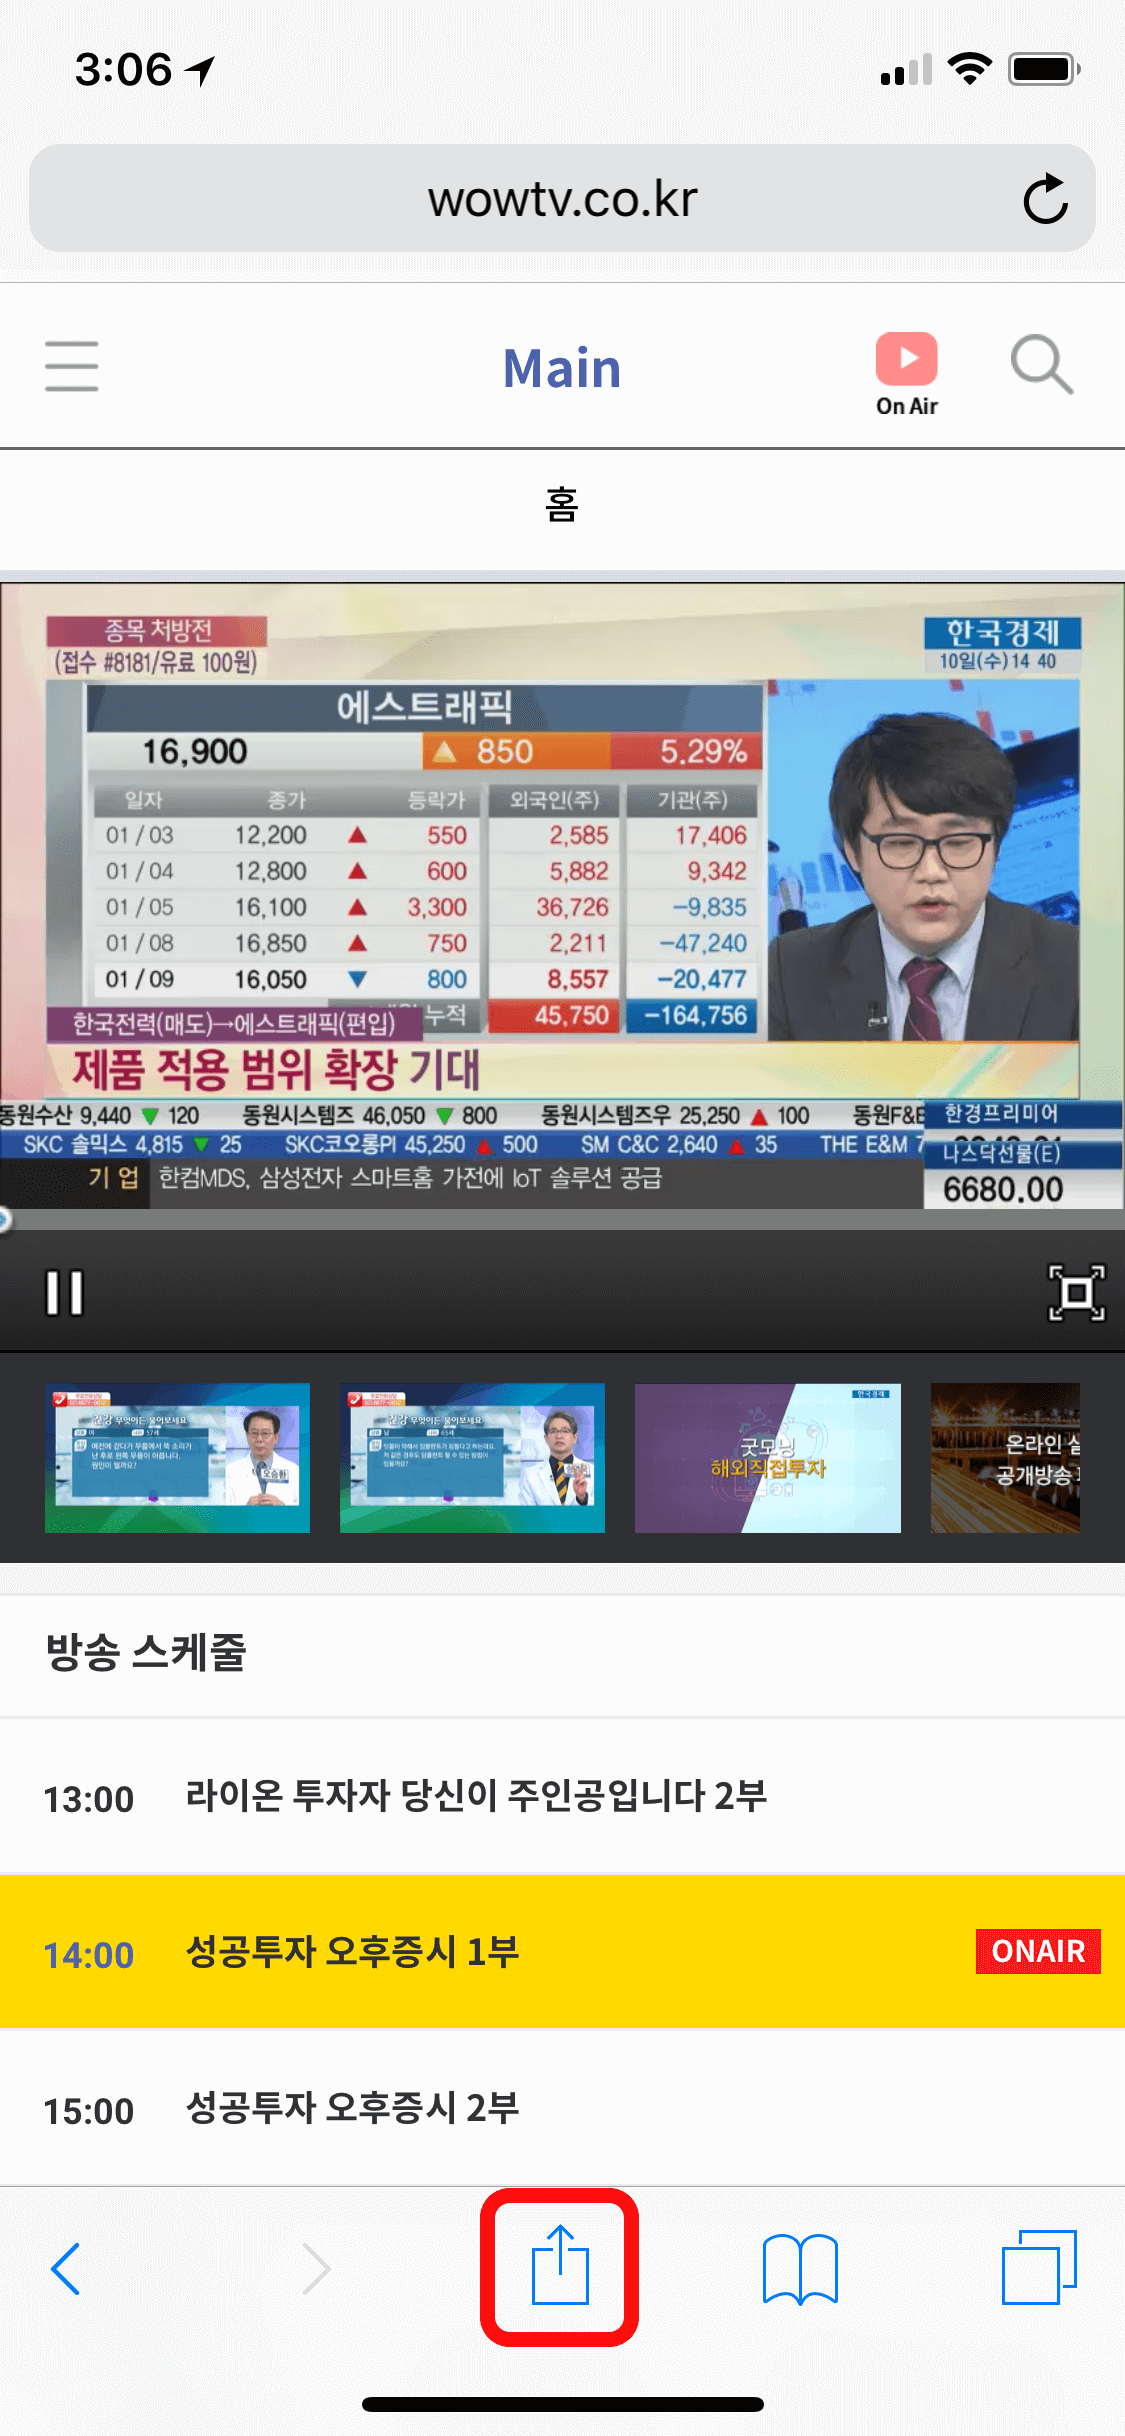 한국경제TV 모바일 웹에서 설명을 돕기 위한 예시